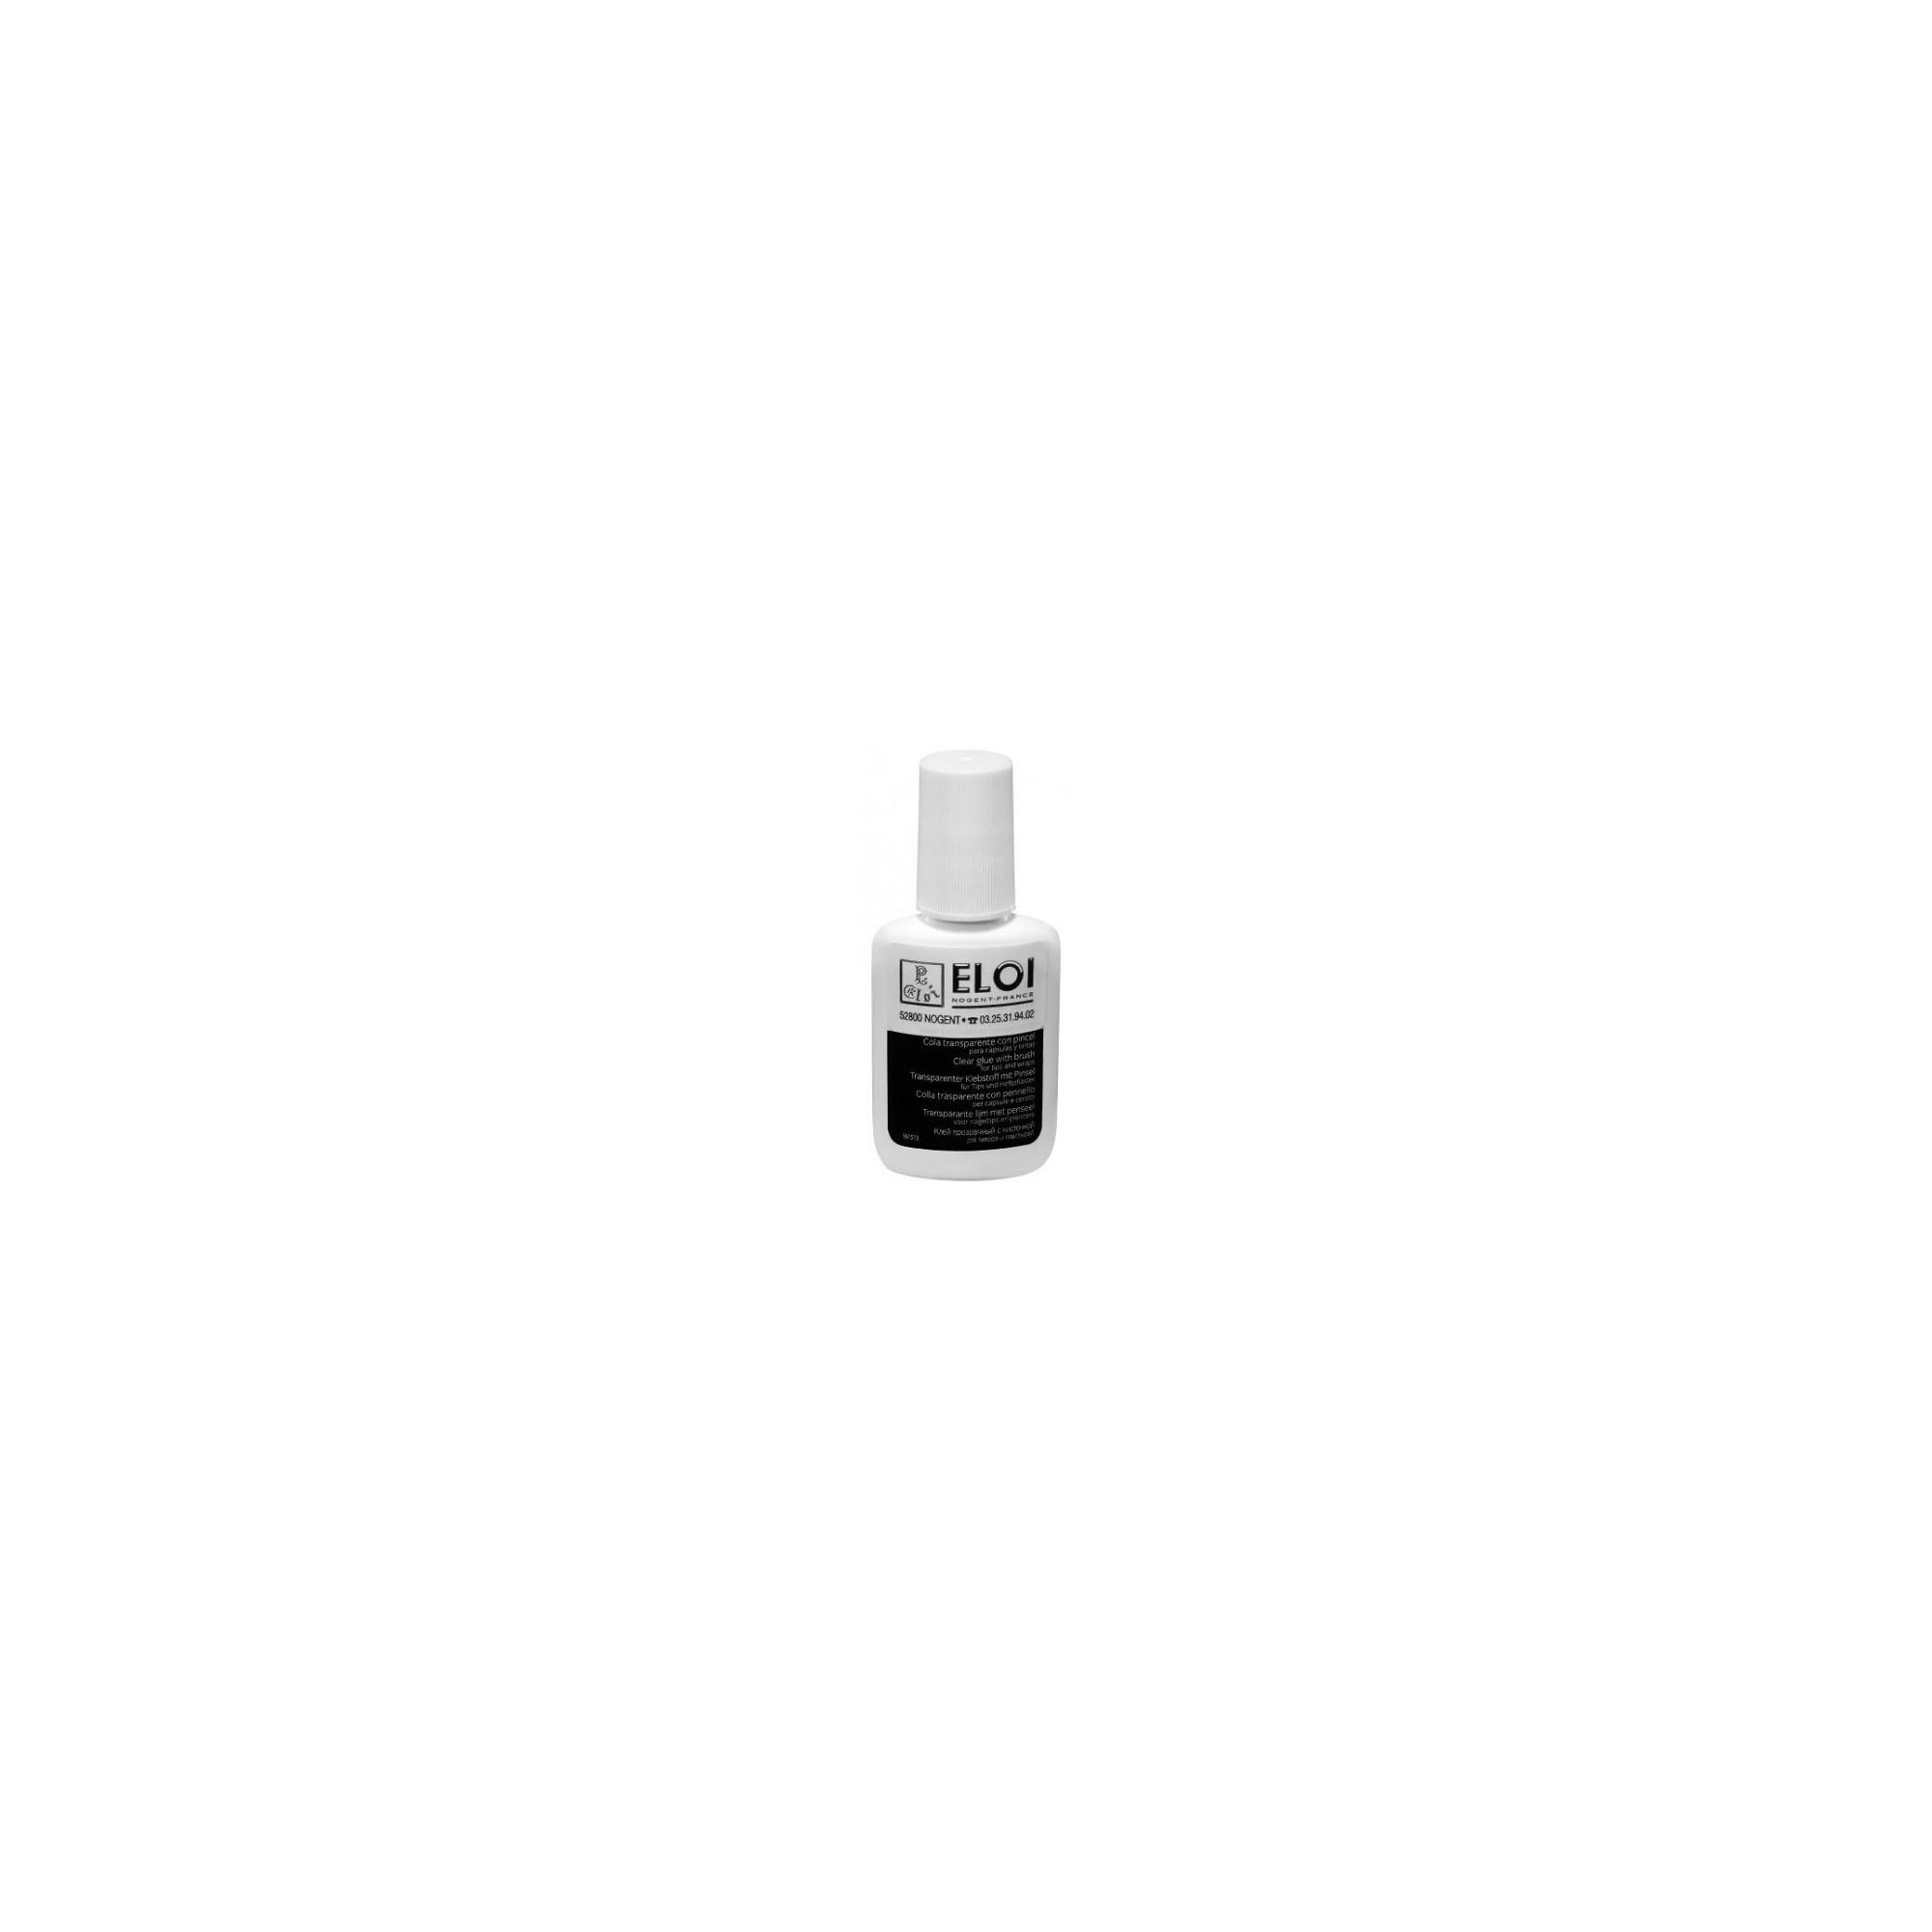 Colle Rapide Cyanoacrylate - 14g